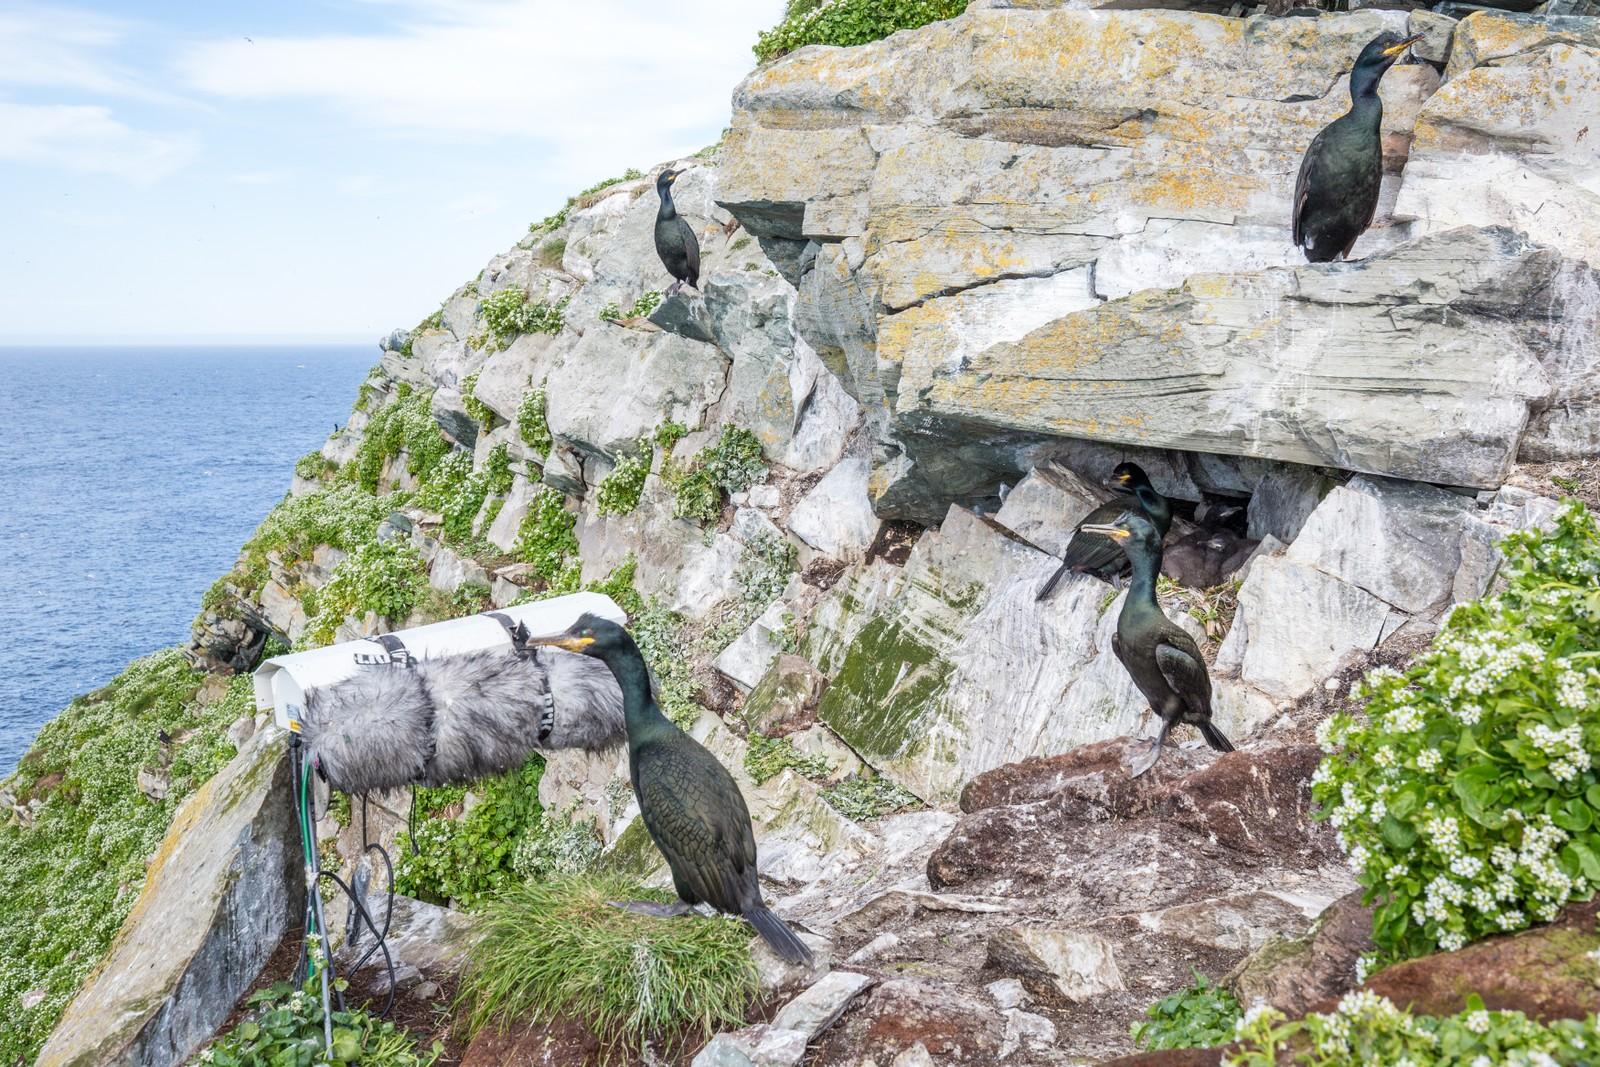 Hos toppskarven er det hektisk aktivitet, og ofte svært mange fugler i samme område.